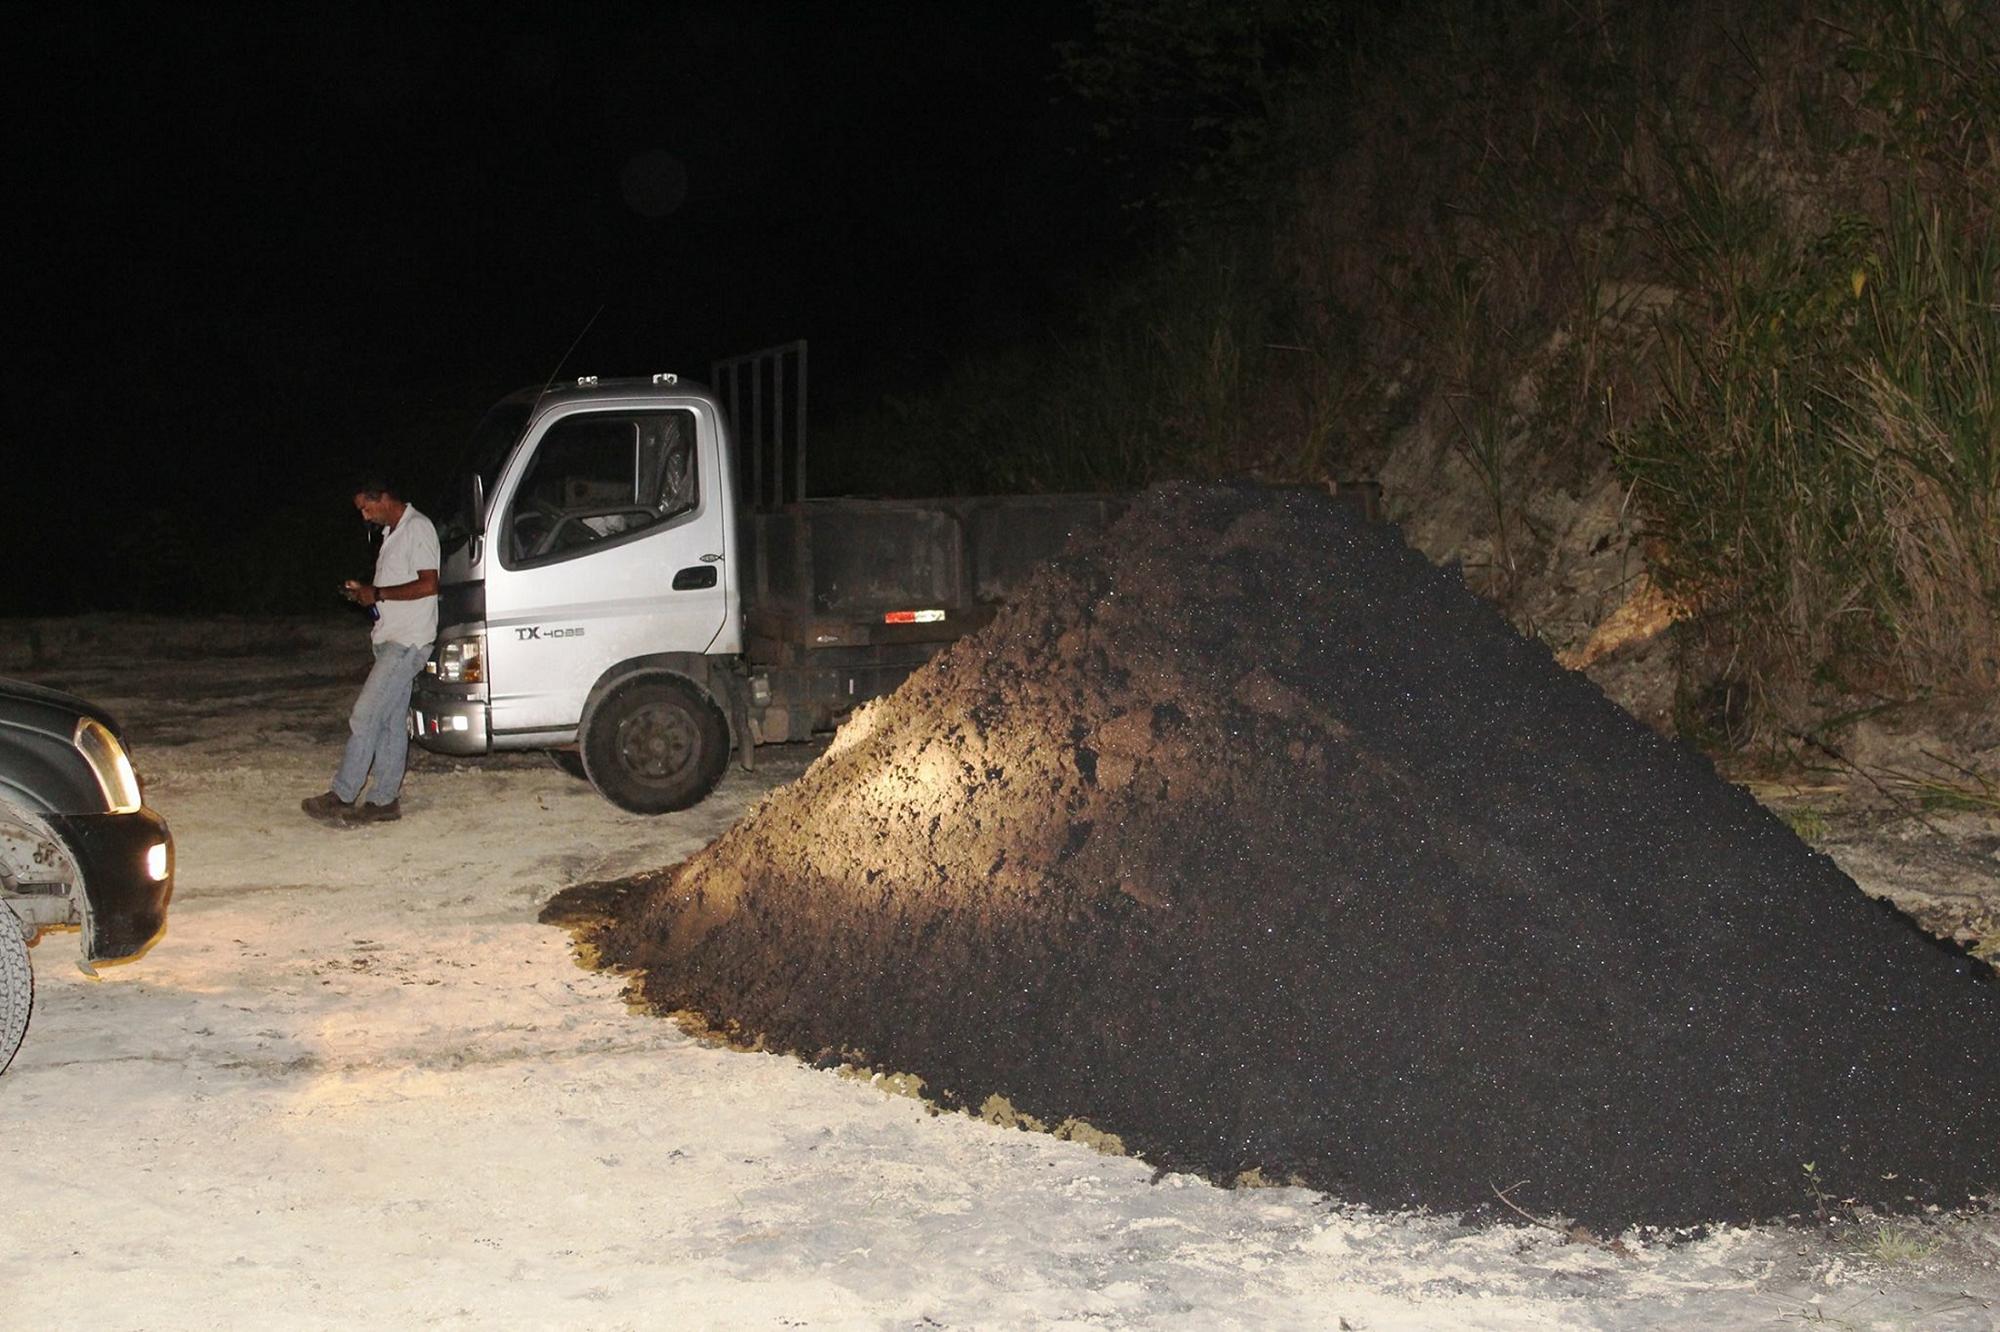 La arena extraída en la concesión El Mirador era destinada a la obtención de óxido ferroso, el cual ayuda a la dureza del cemento, según dijo el dueño de la concesión, Fabián Herrera. Foto: Comuna de Mompiche.